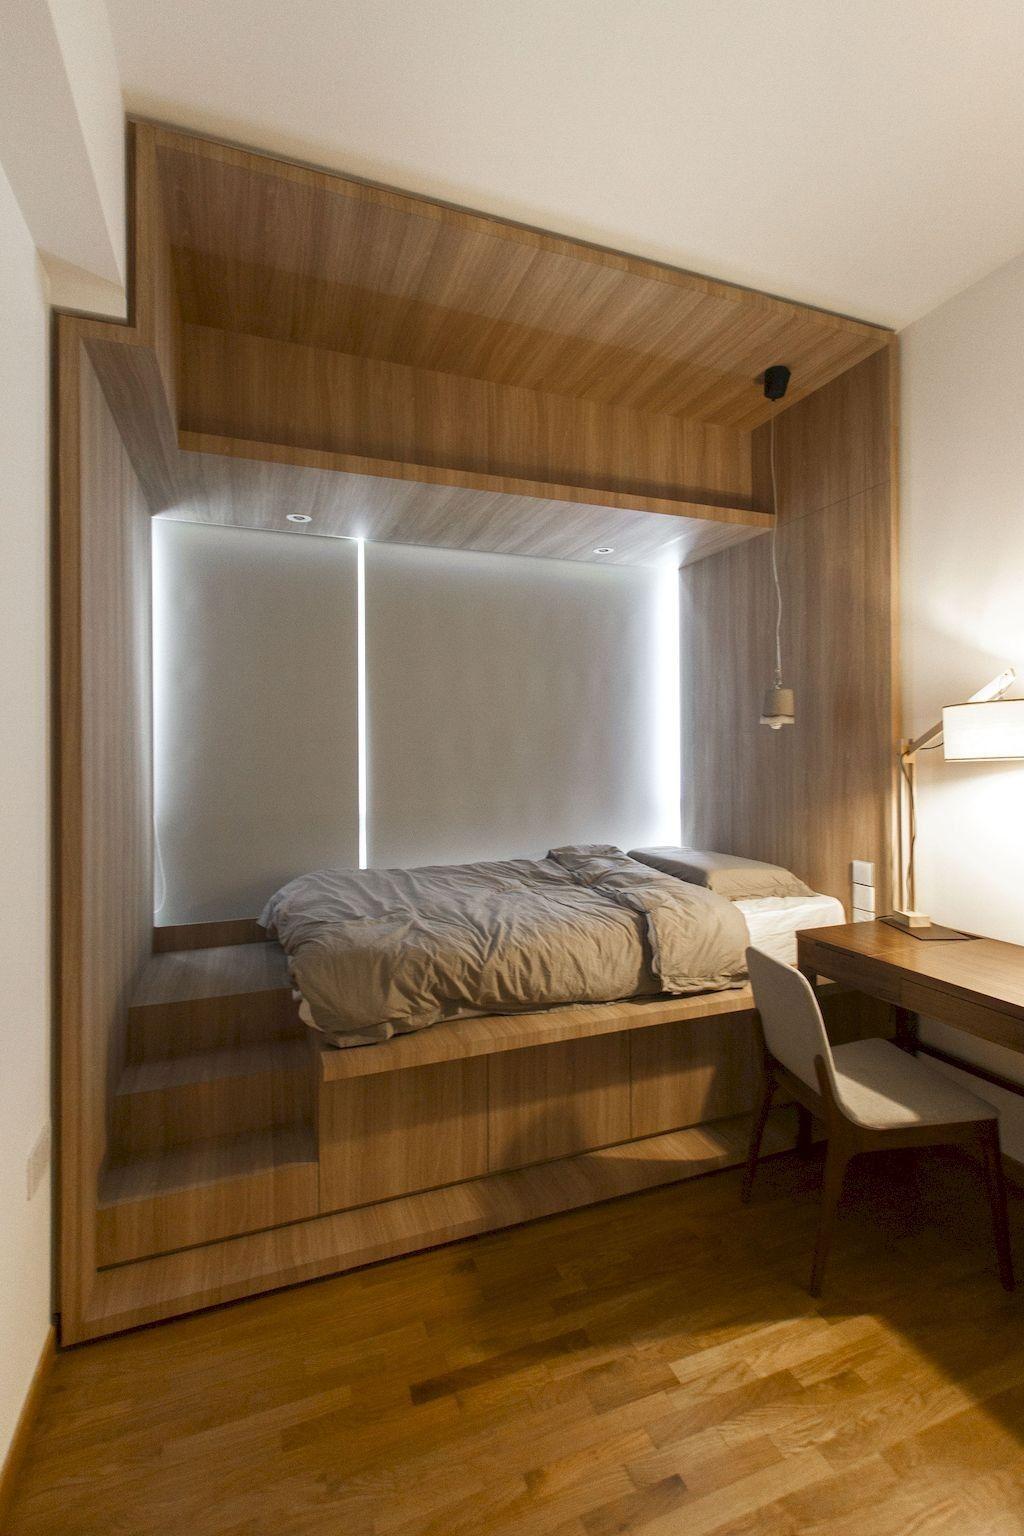 Haughty Diy Wooden Platform Bed Design Ideas Bedroom